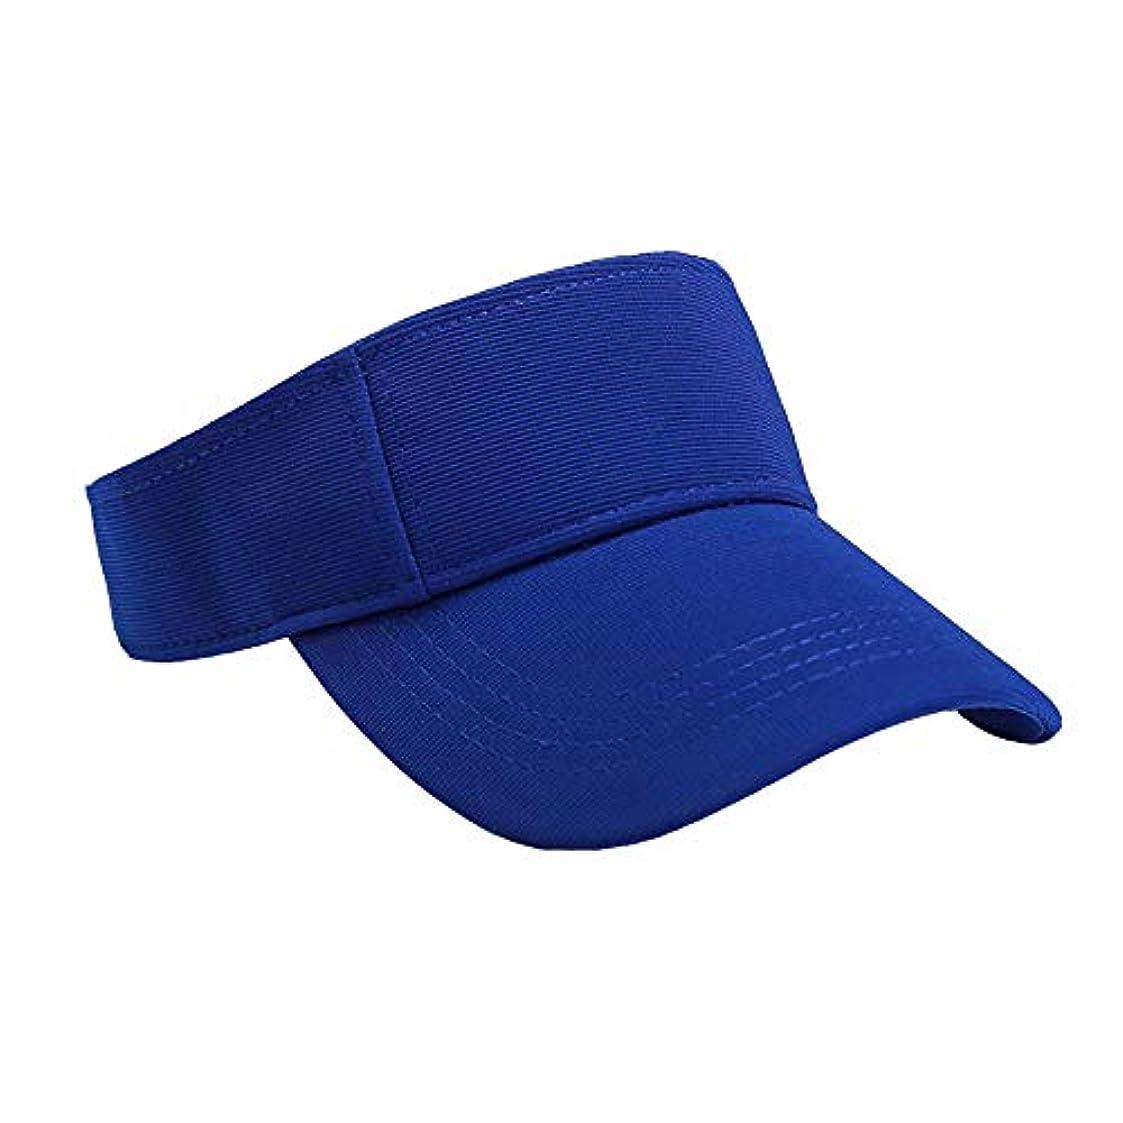 パトワ飲食店ふけるMerssavo ユニセックスサマースポーツキャップ、サン帽子レディーステニスゴルフバイザーメッシュ野球帽、調節可能な屋外オープントップヘッドトラベルハイキング帽子、ブルー